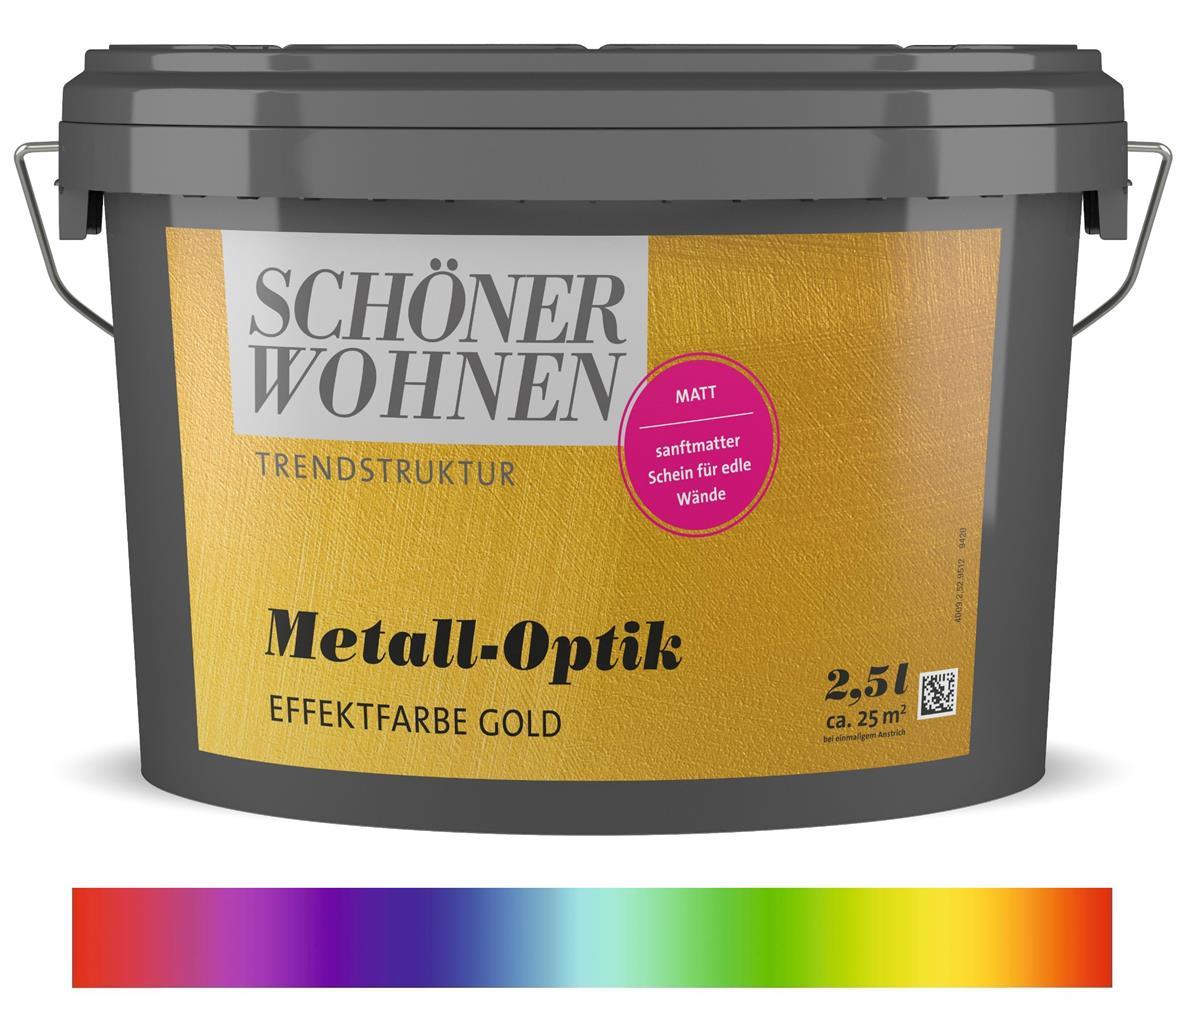 Schoner Wohnen Trendstruktur Effektfarbe Metall Optik Wunschfarbton Gold Glanzend 2 5 L